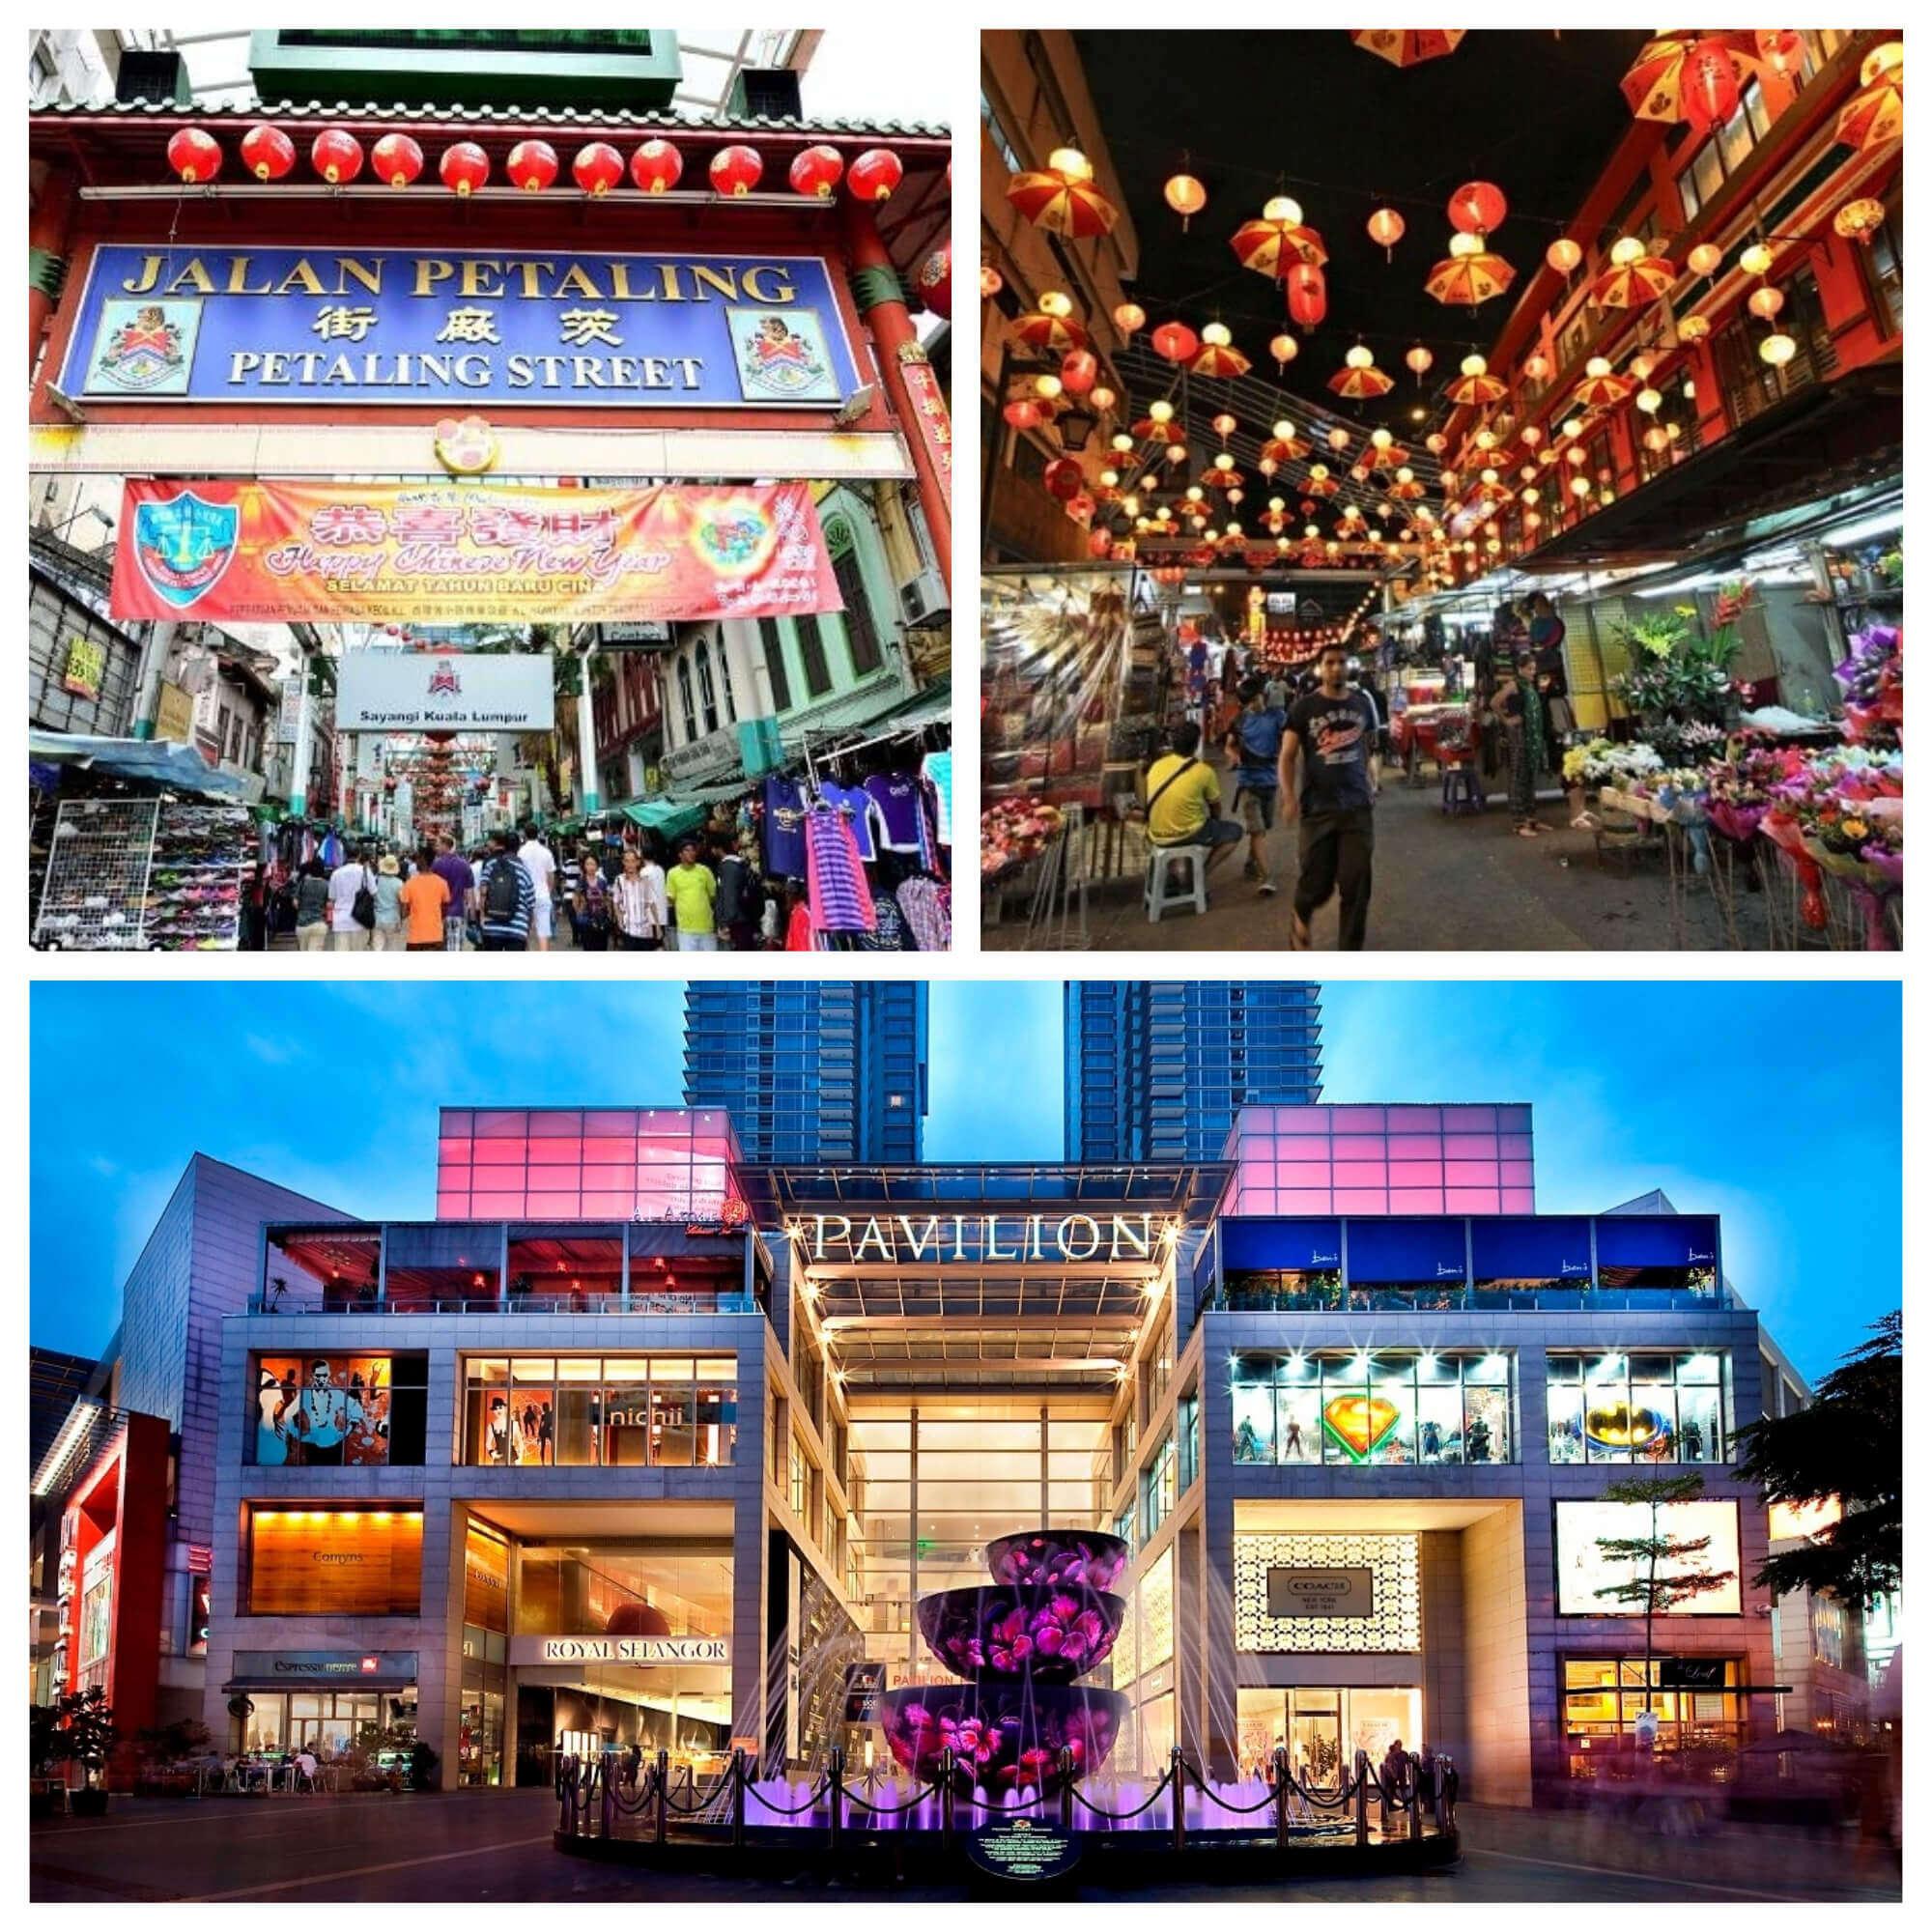 10 Things You Can't Miss in Malaysia - Kuala Lumpur